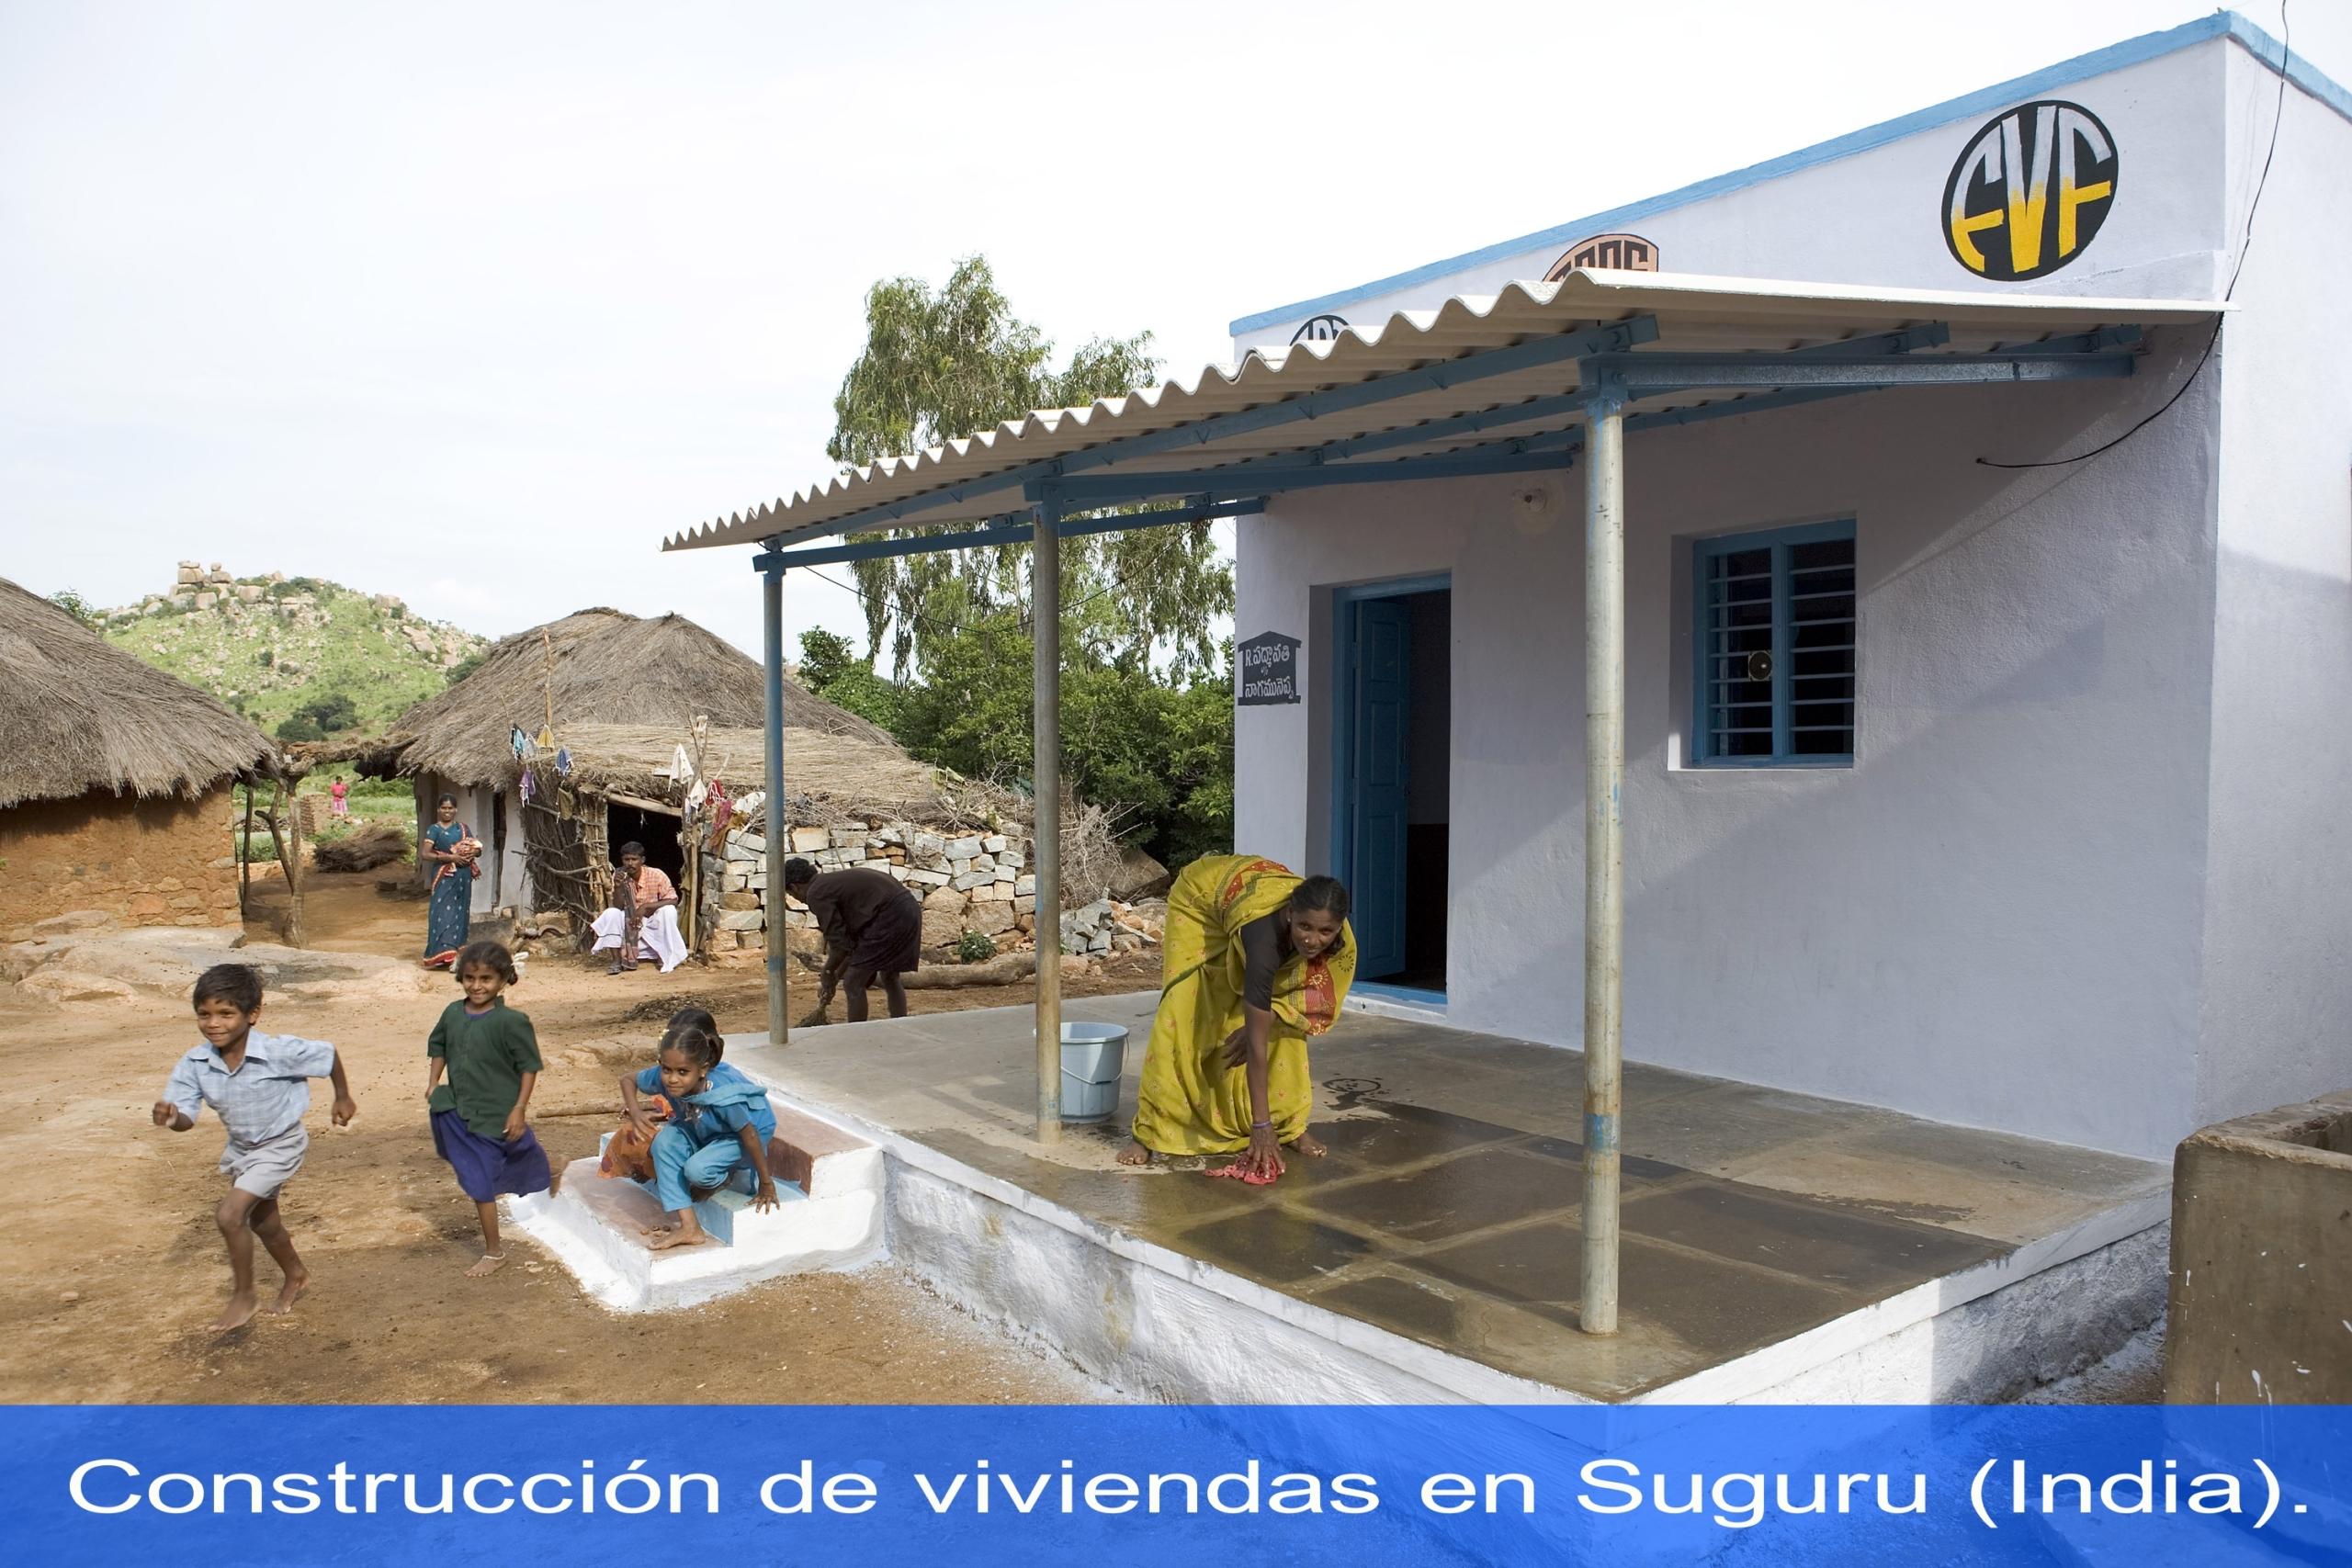 Construcción de viviendas en Suguru